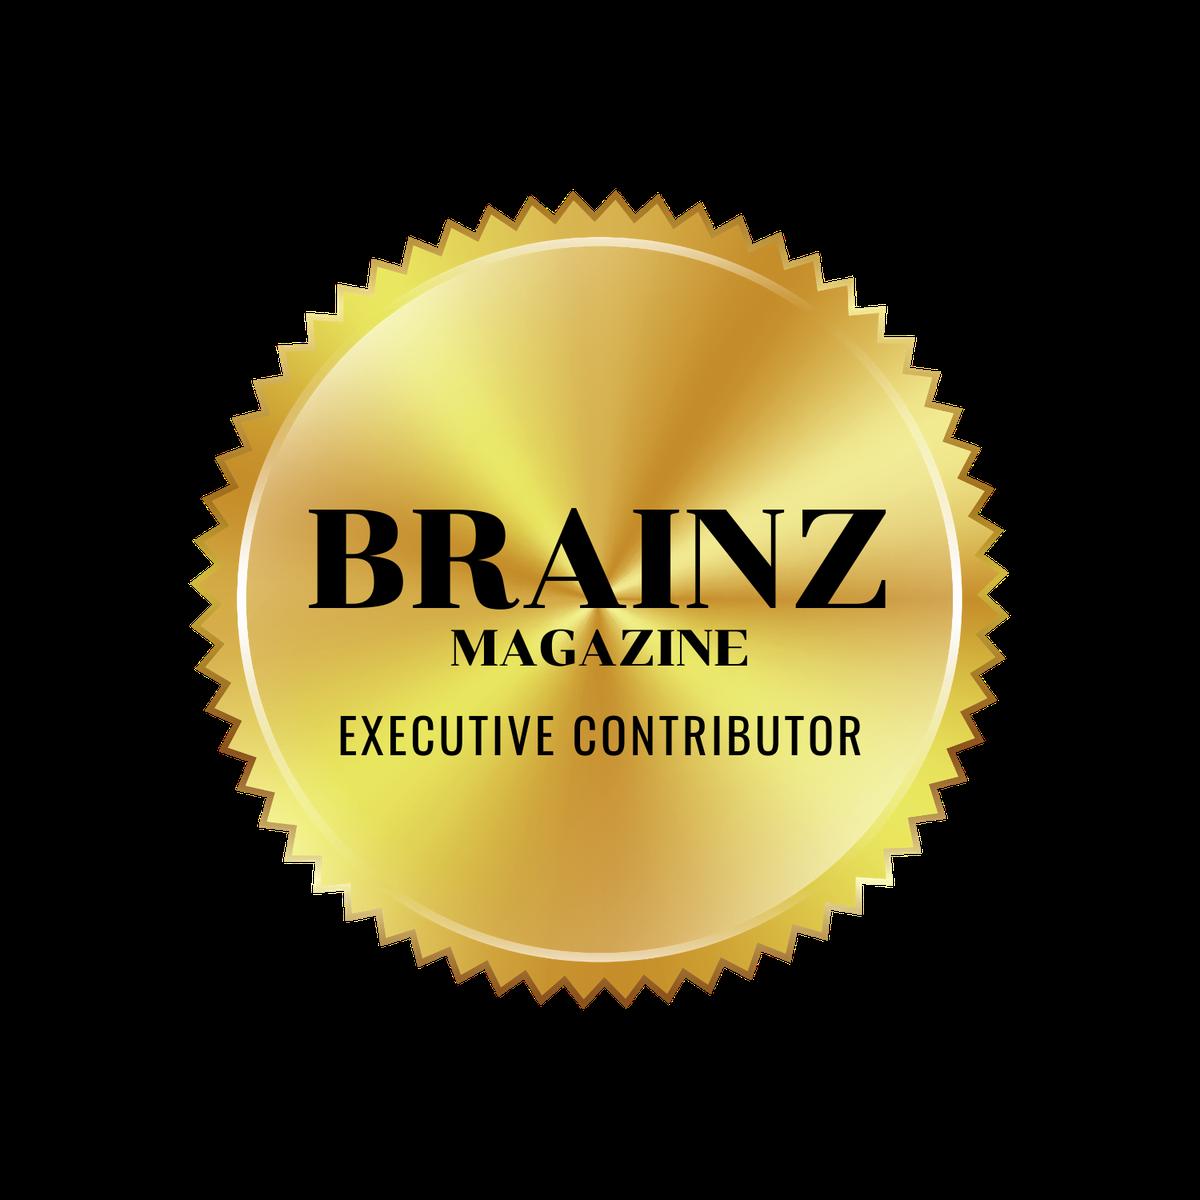 Brainz Executive Contributor